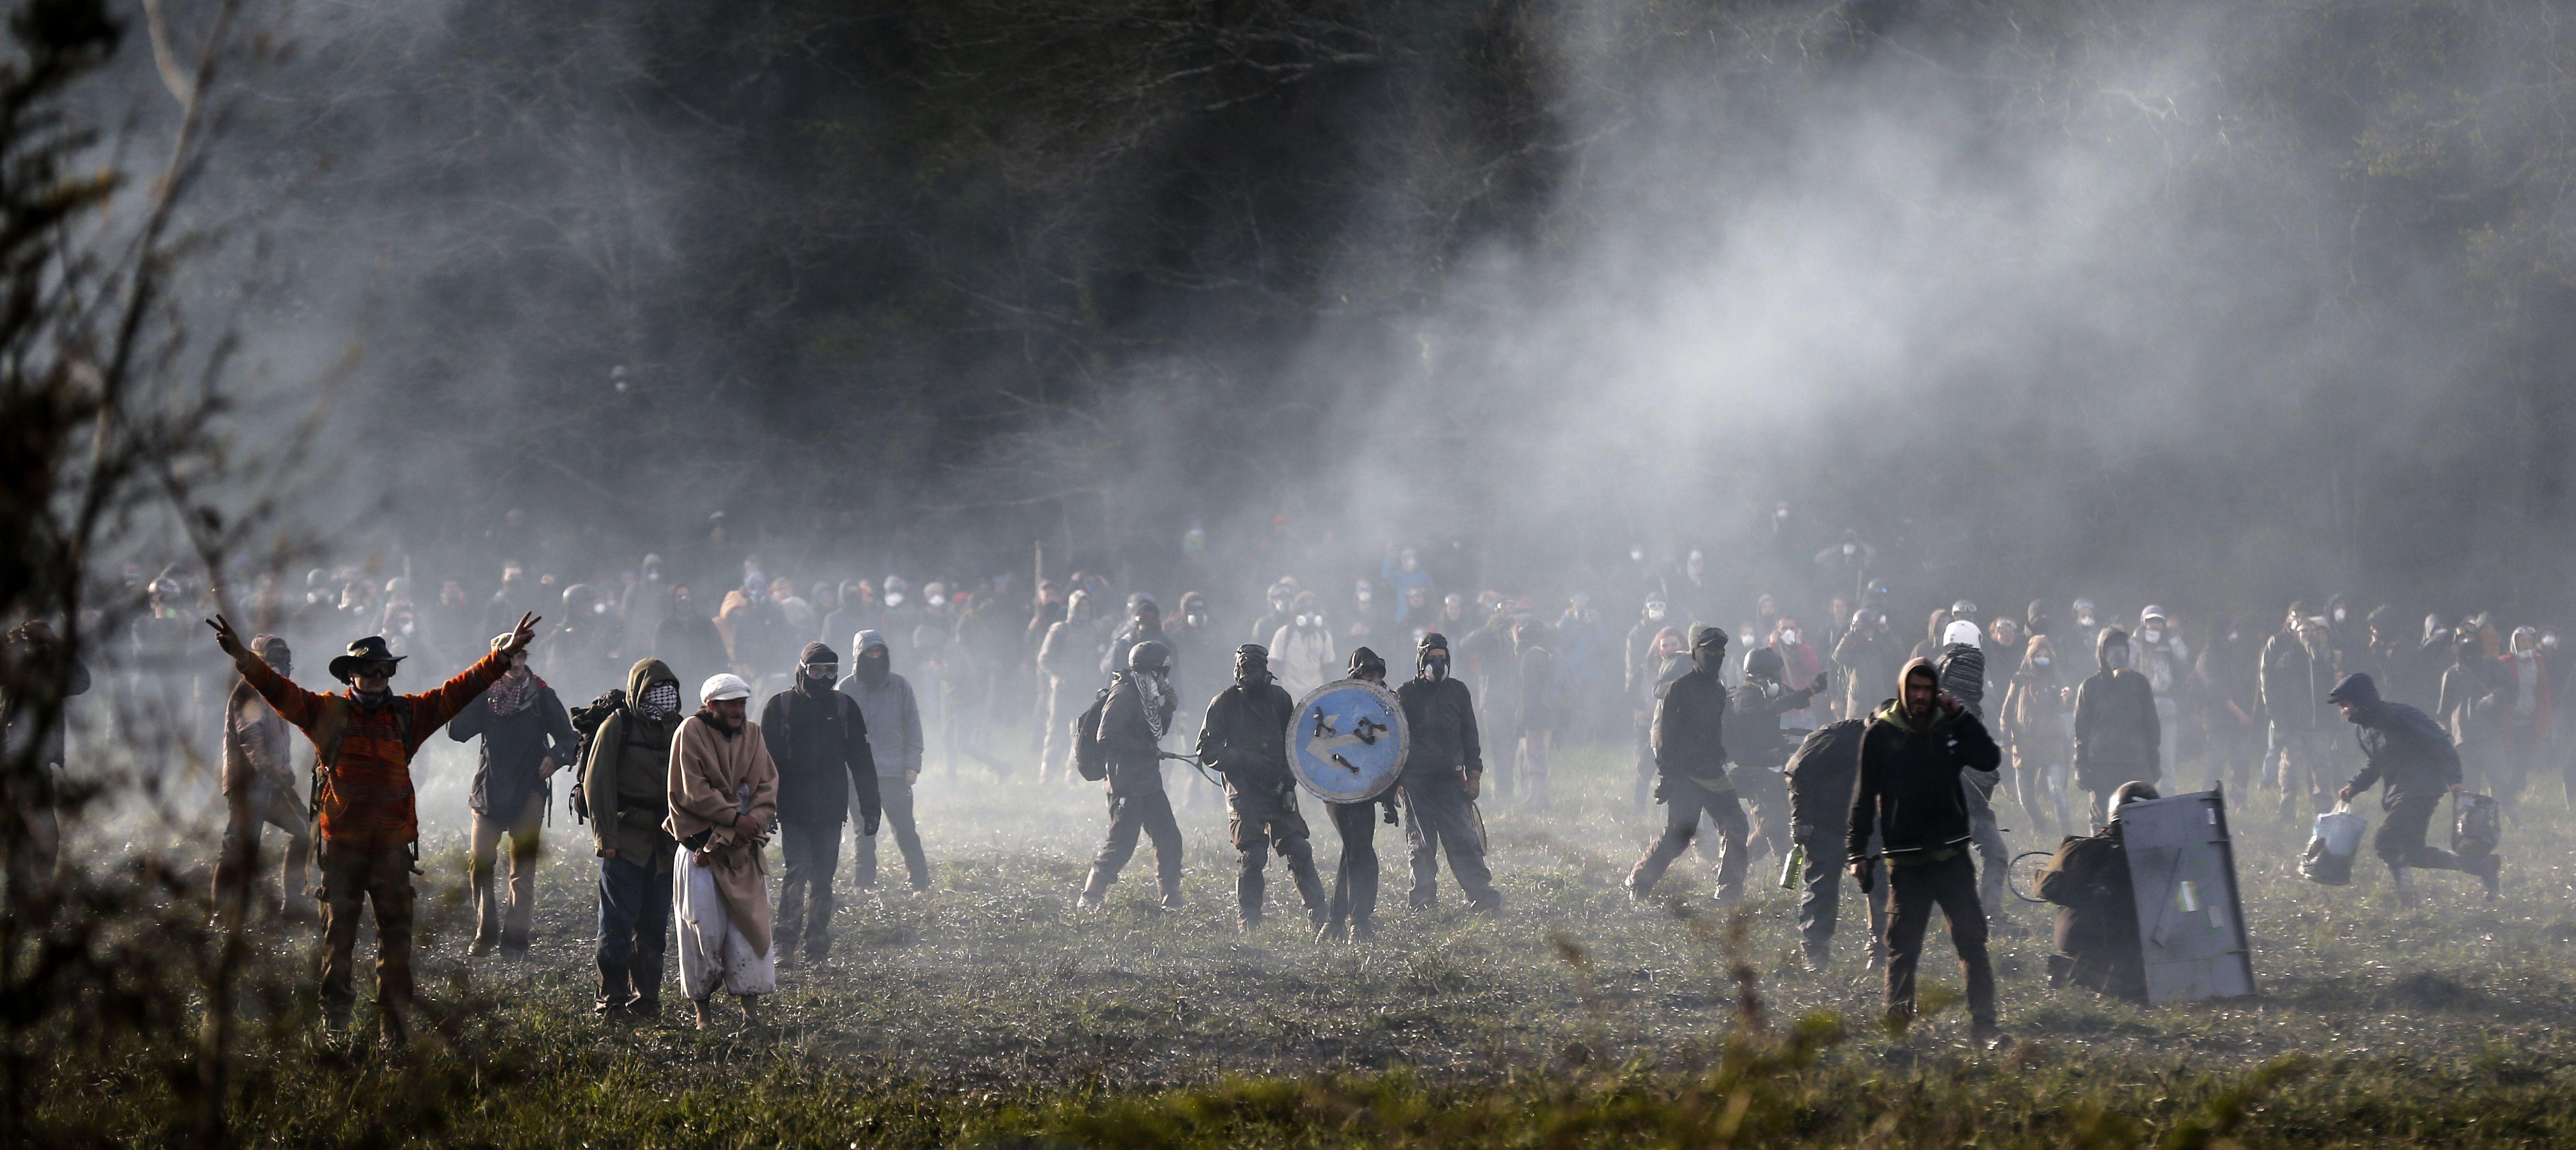 جانب من الاشتباكات فى فرنسا